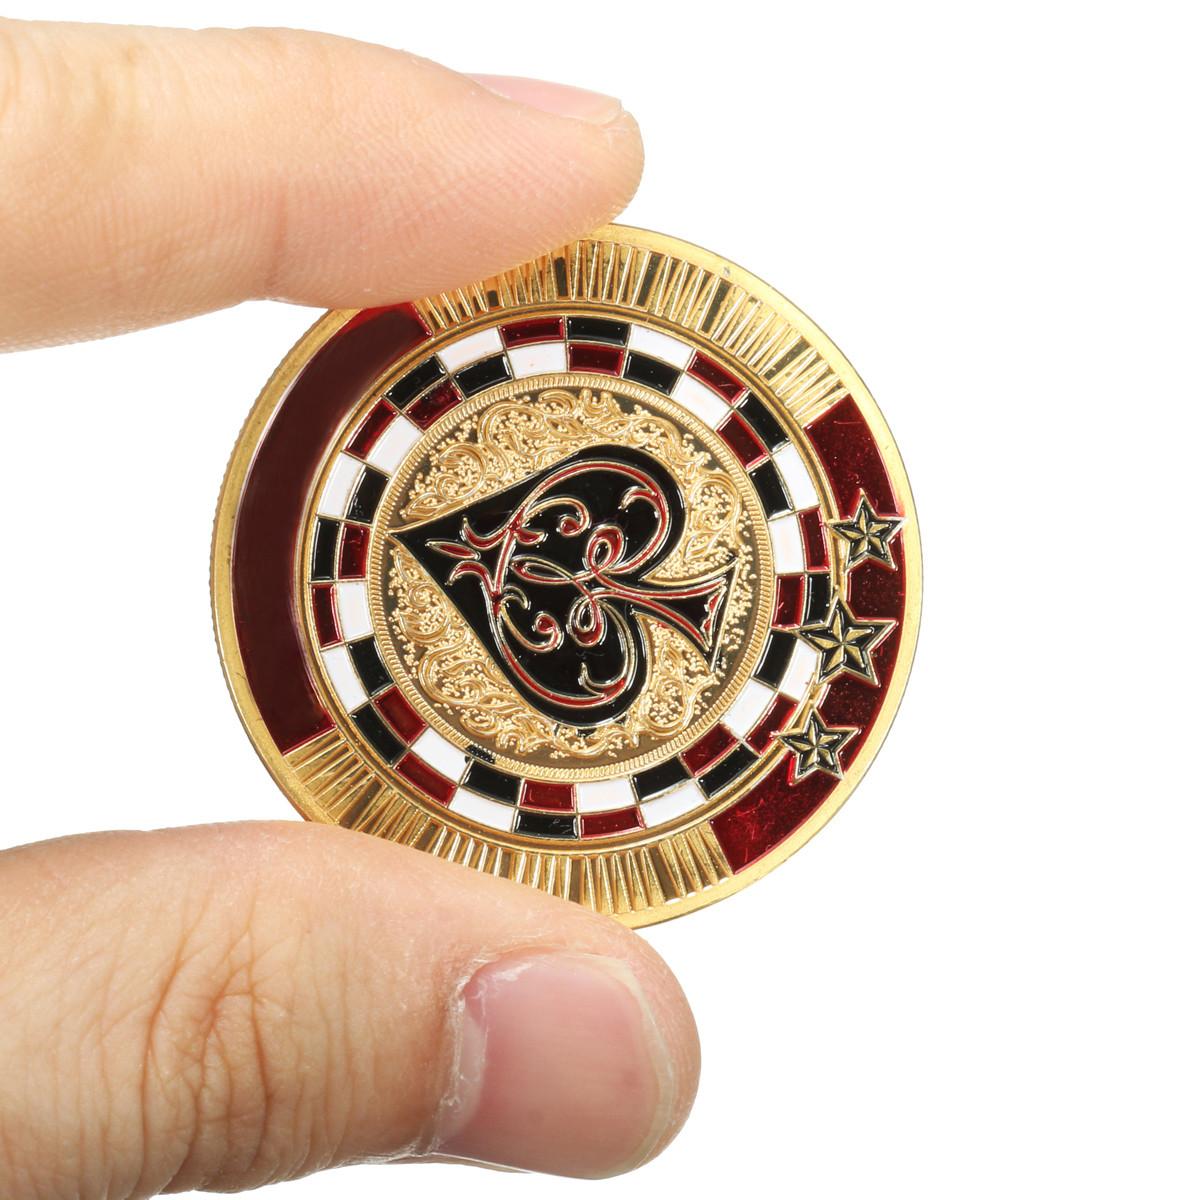 Металлический покер охранник карта золото с гальваническим покрытием круглый пластмассовый корпус чипа протектора монеты